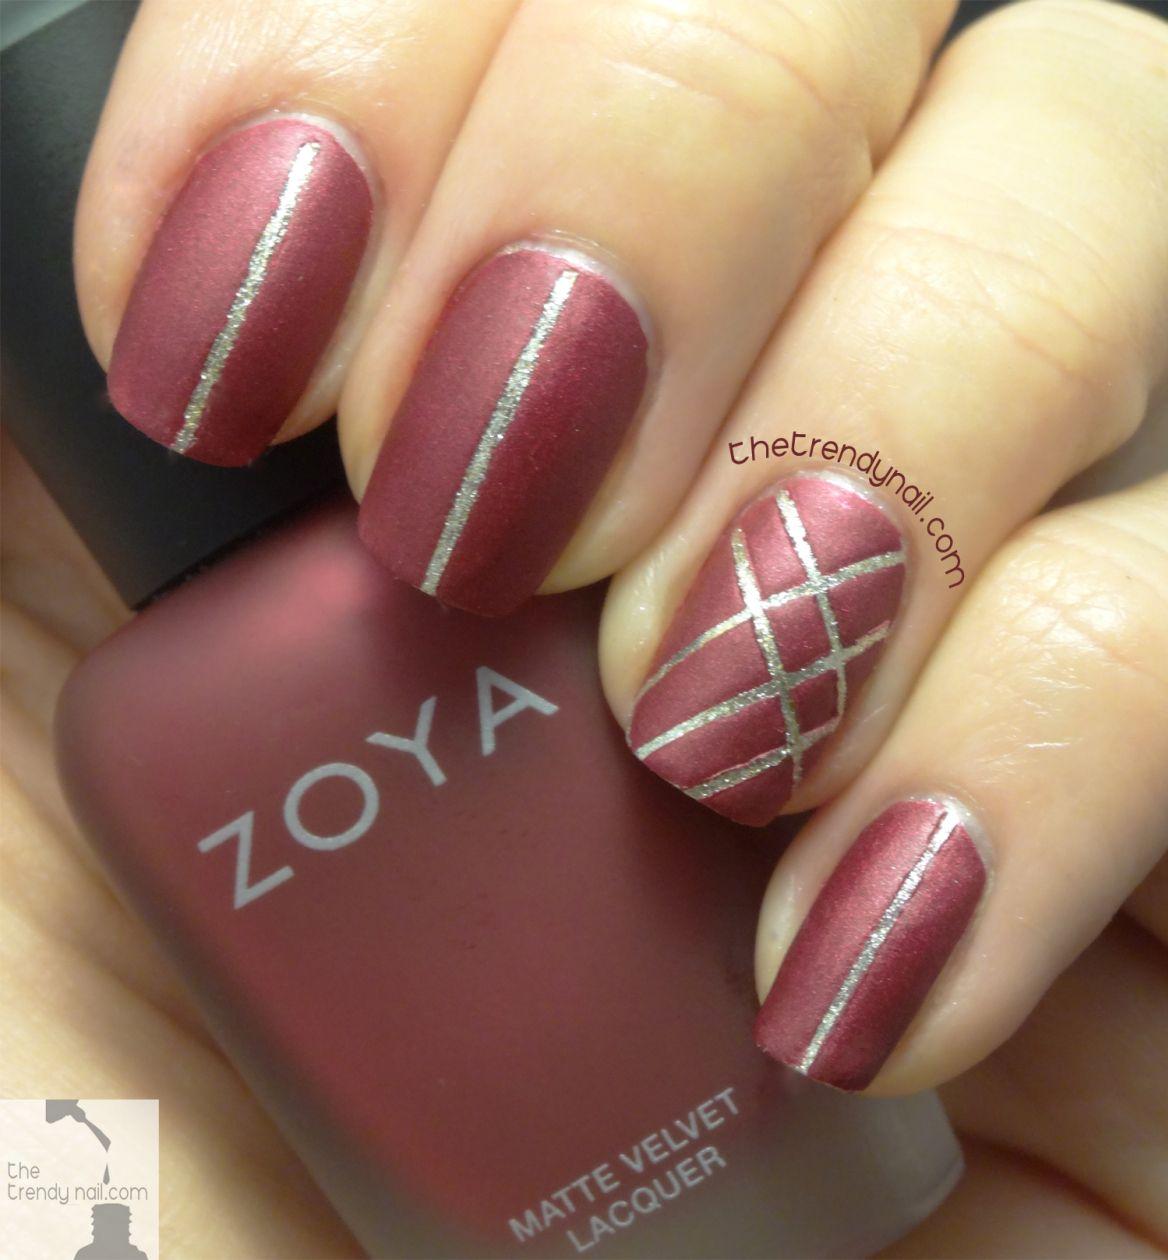 Holiday-Nail-Art- Matte Posh by Zoya & Jiggle hi, jiggle low by ...